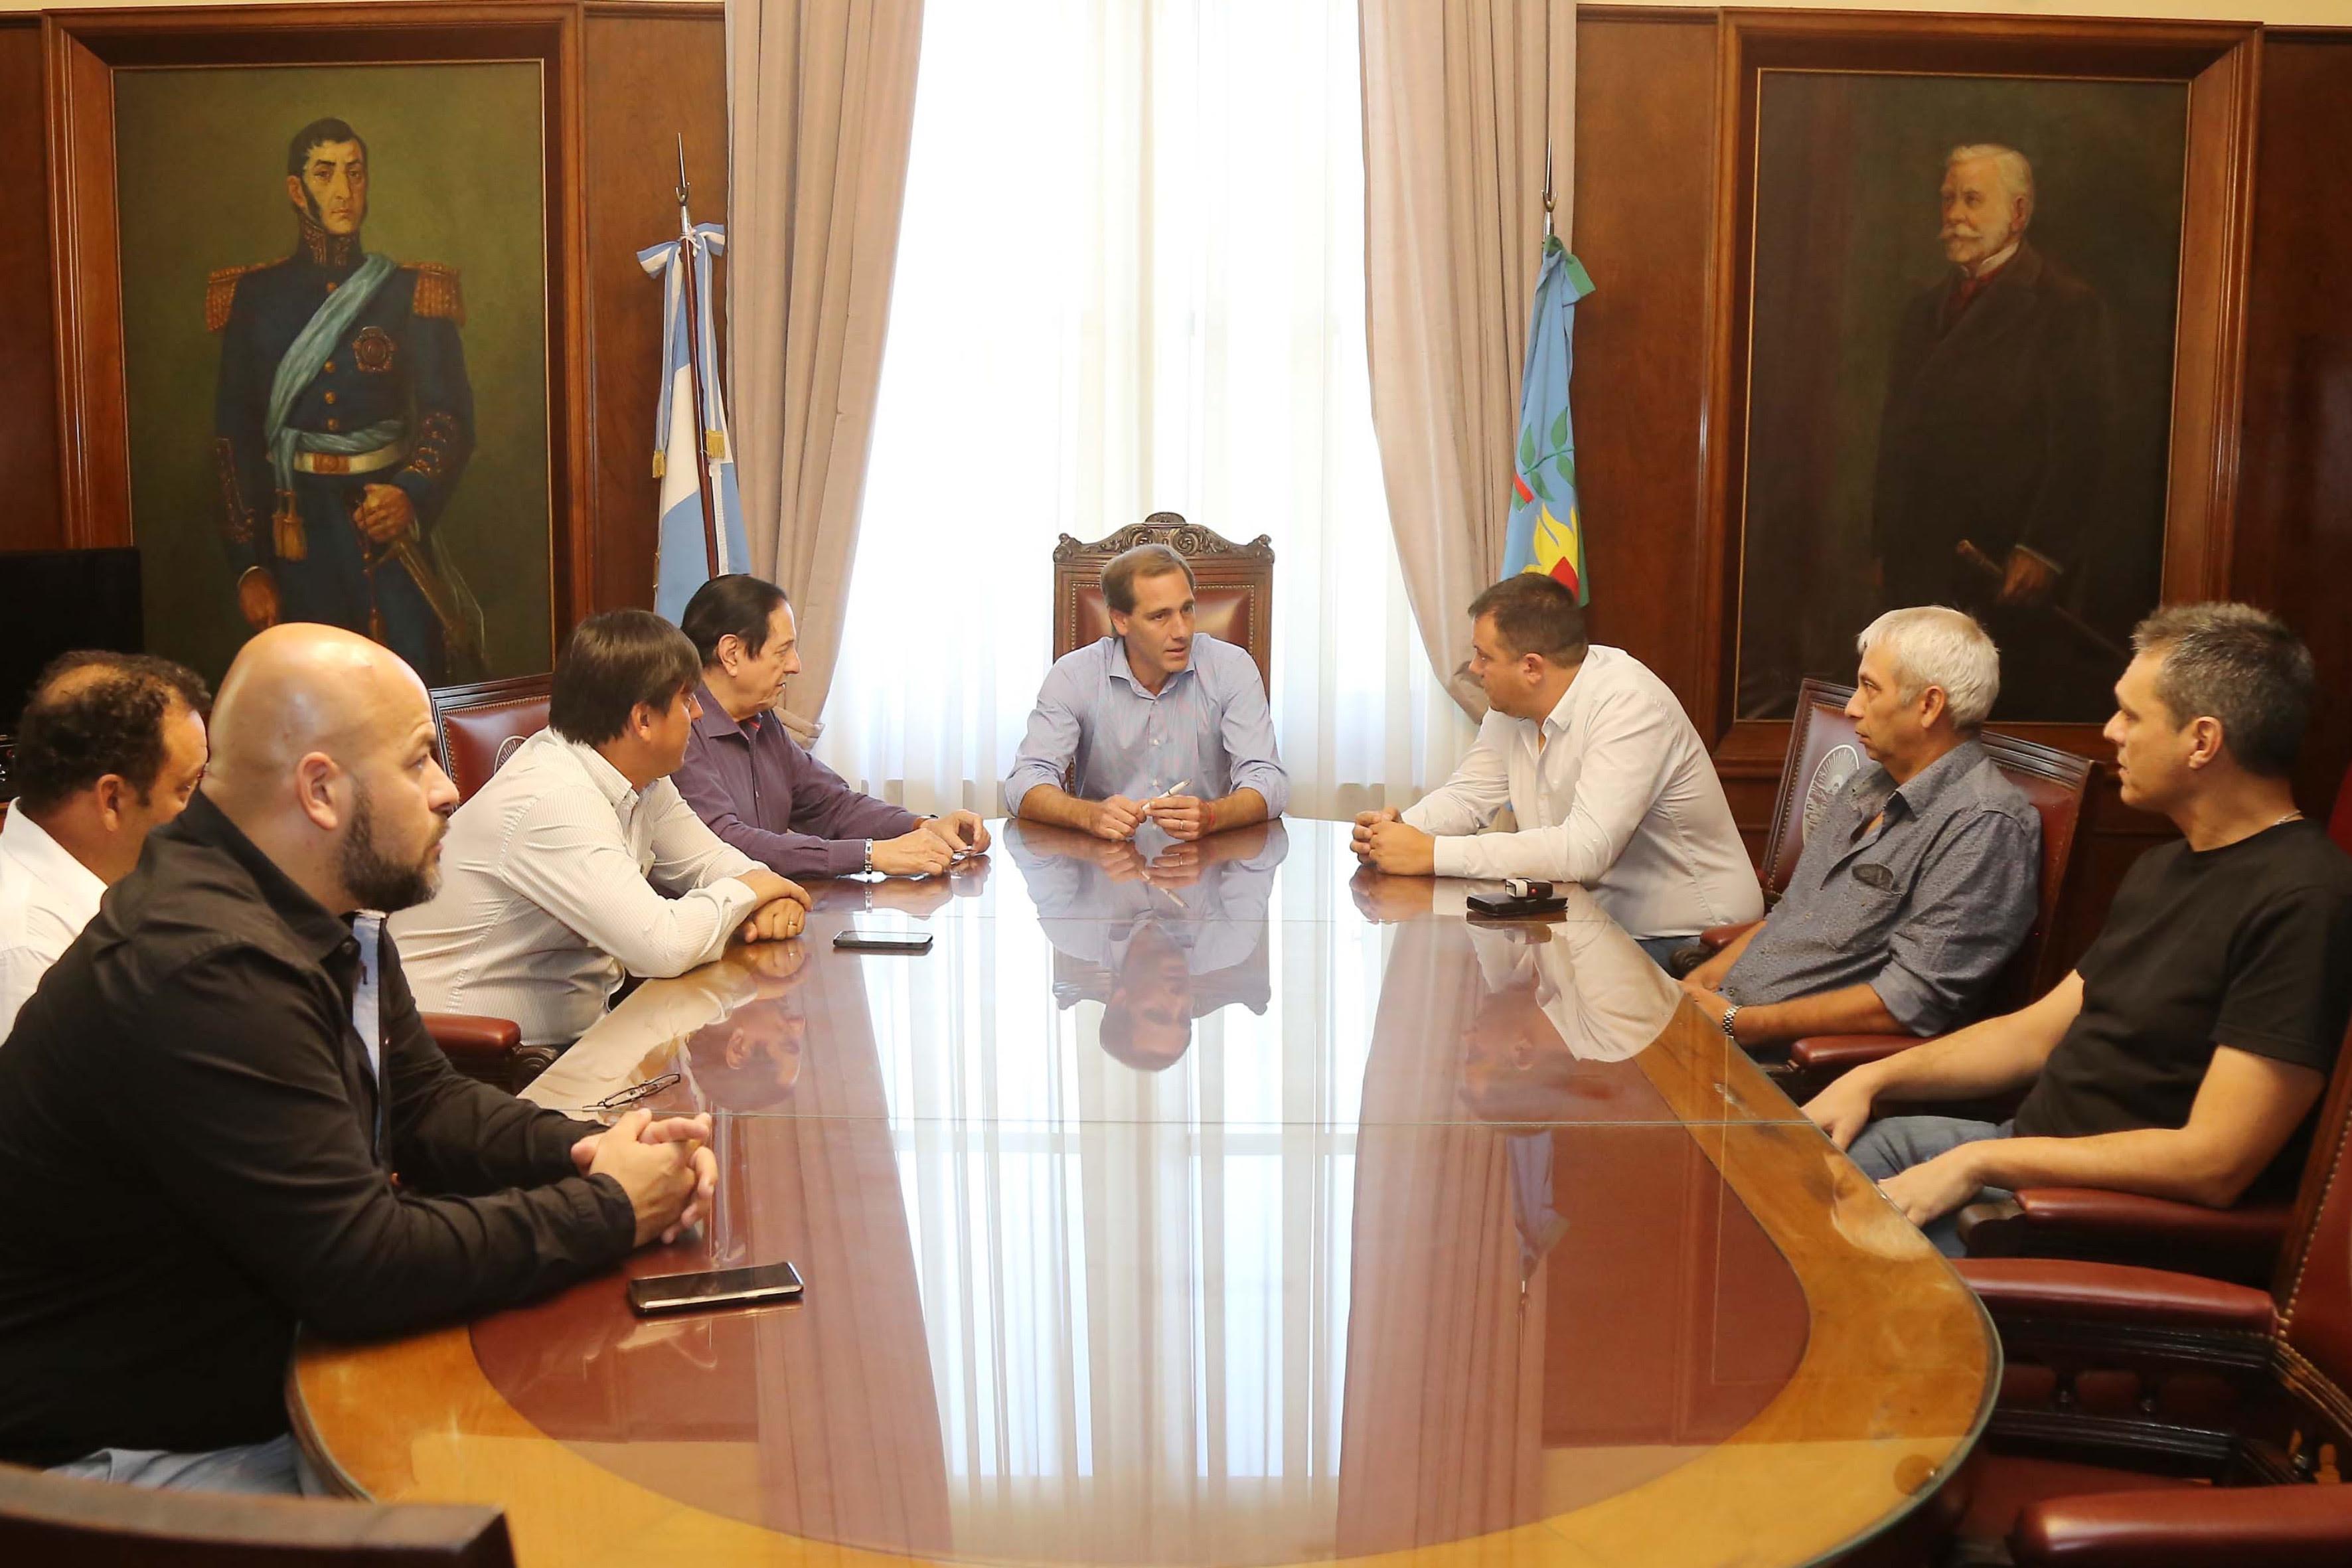 El municipio de La Plata acordó un aumento del 30% para municipales con un retroactivo del 8% igualando a provincia